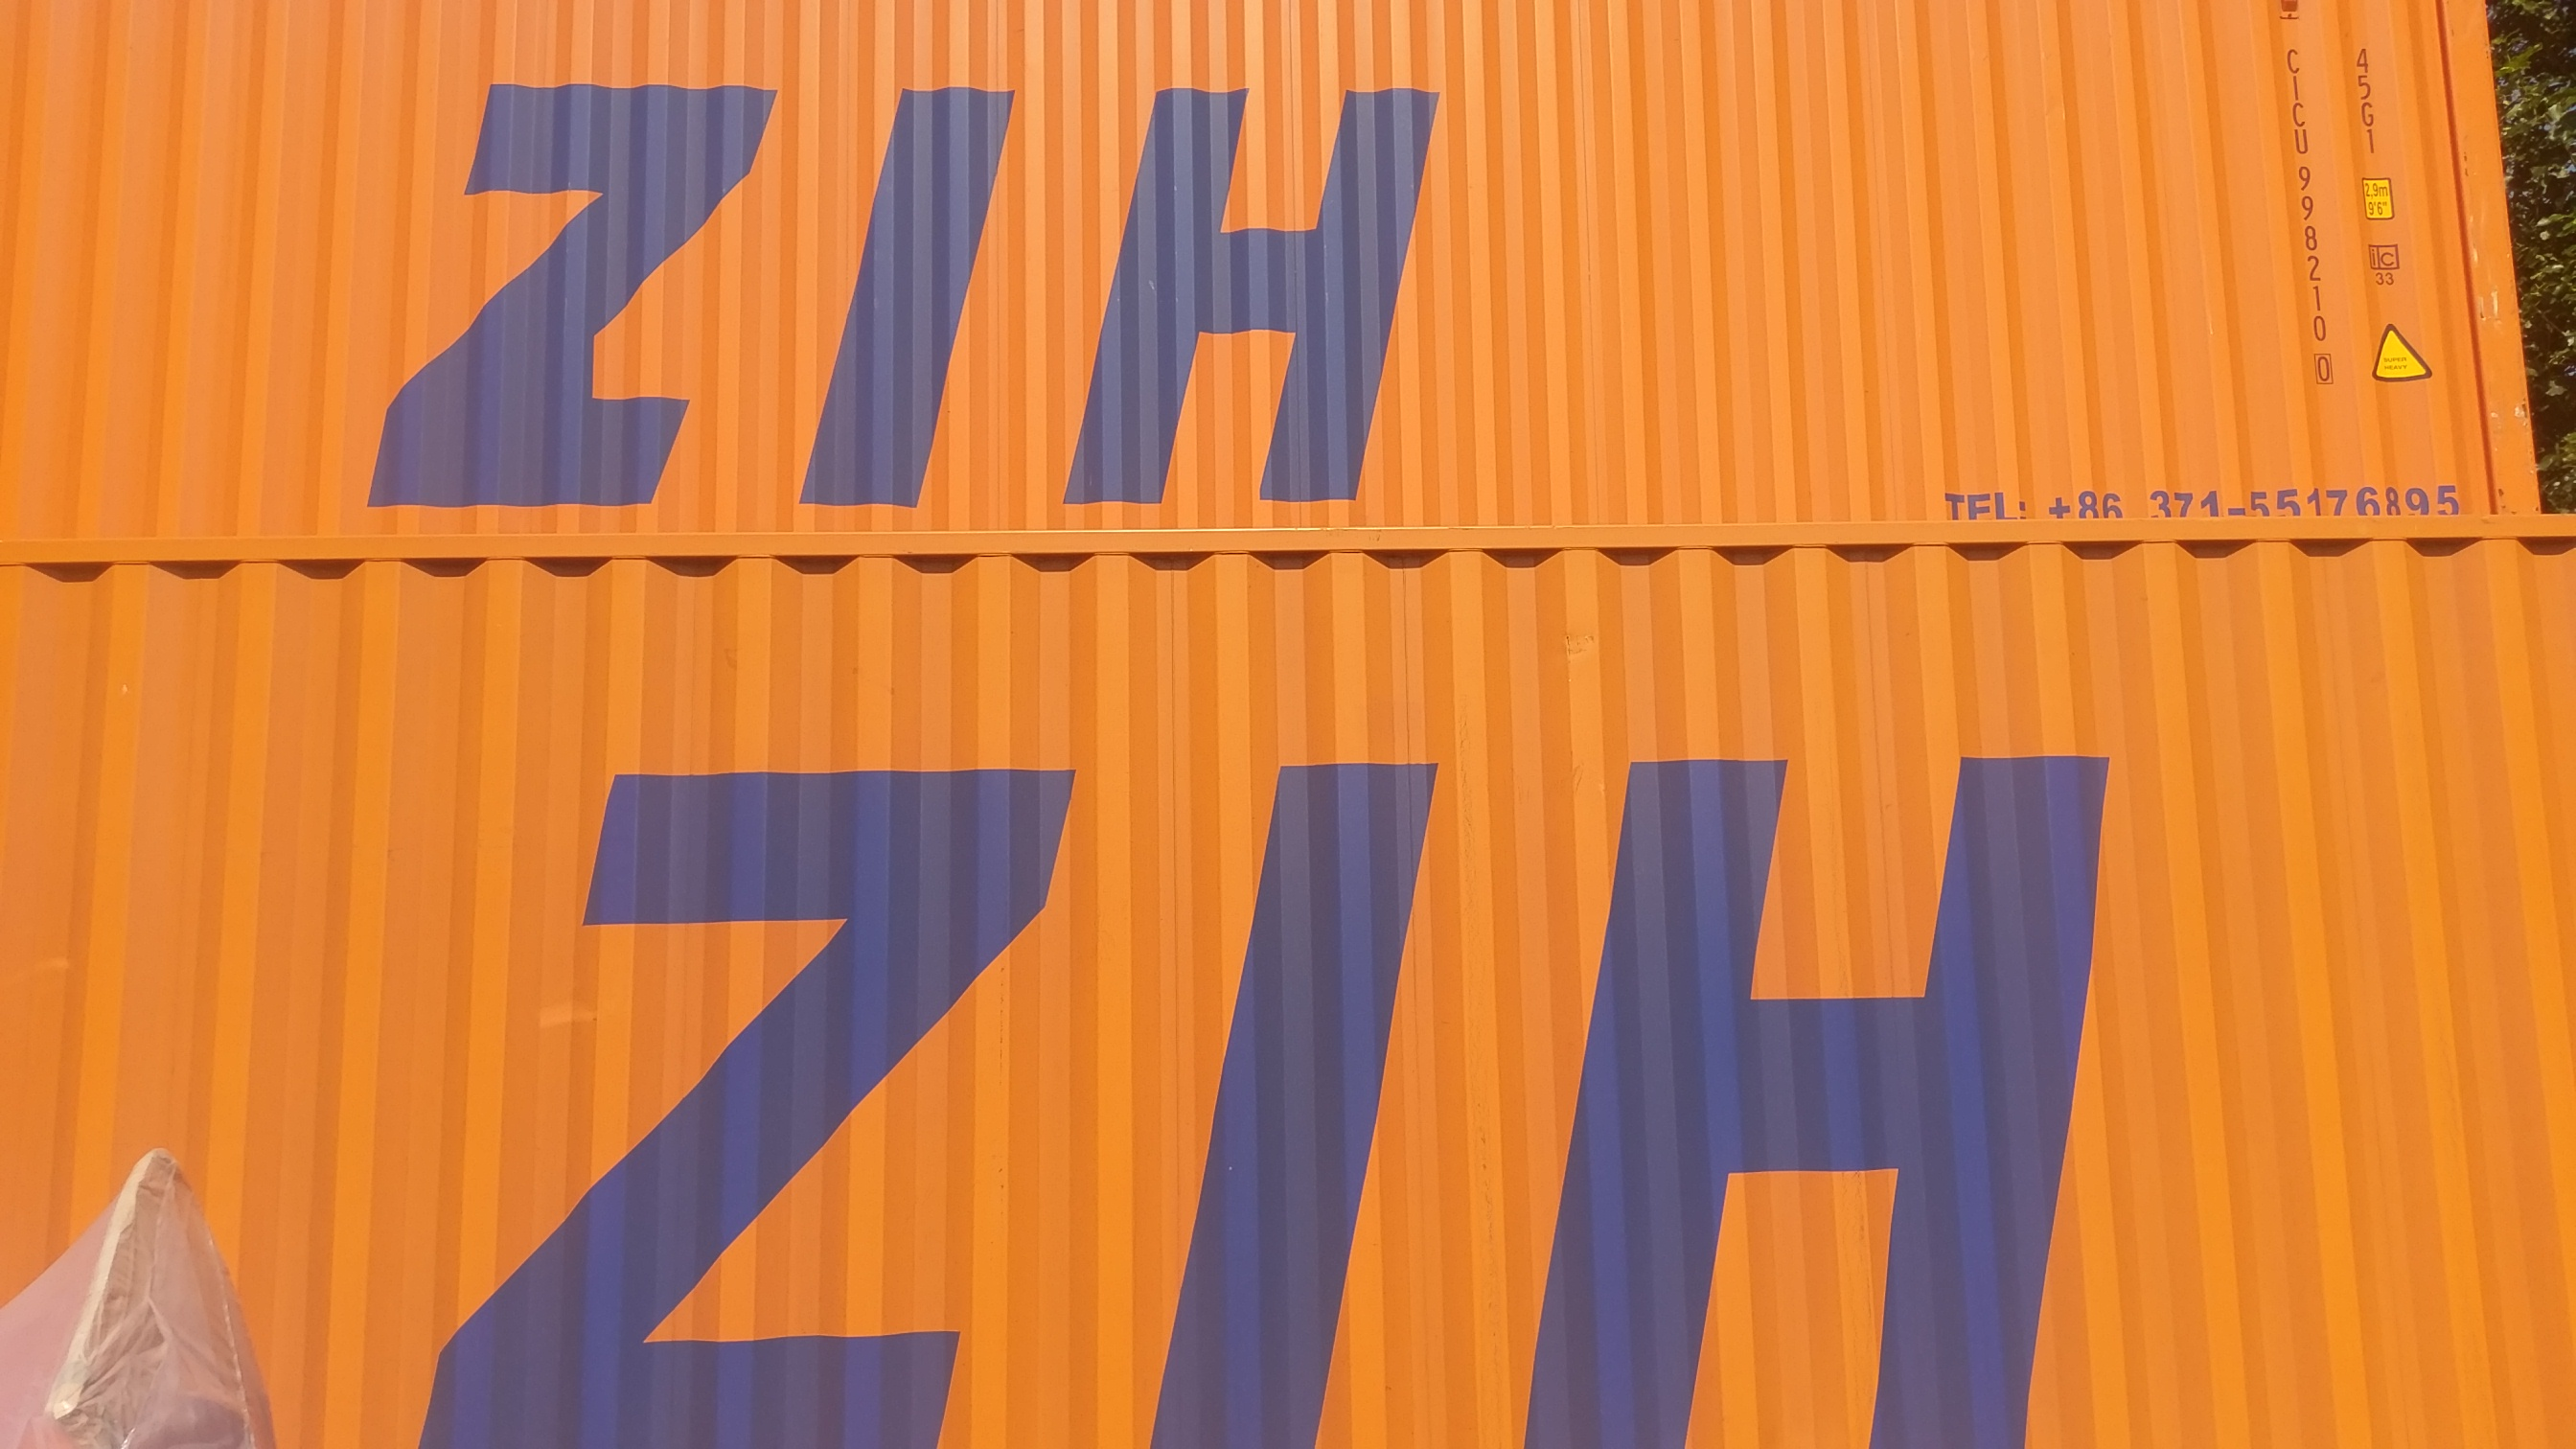 Orangefarbener Container mit Aufschrift ZIH - Bahntransporte nach/von China mit Contibridge